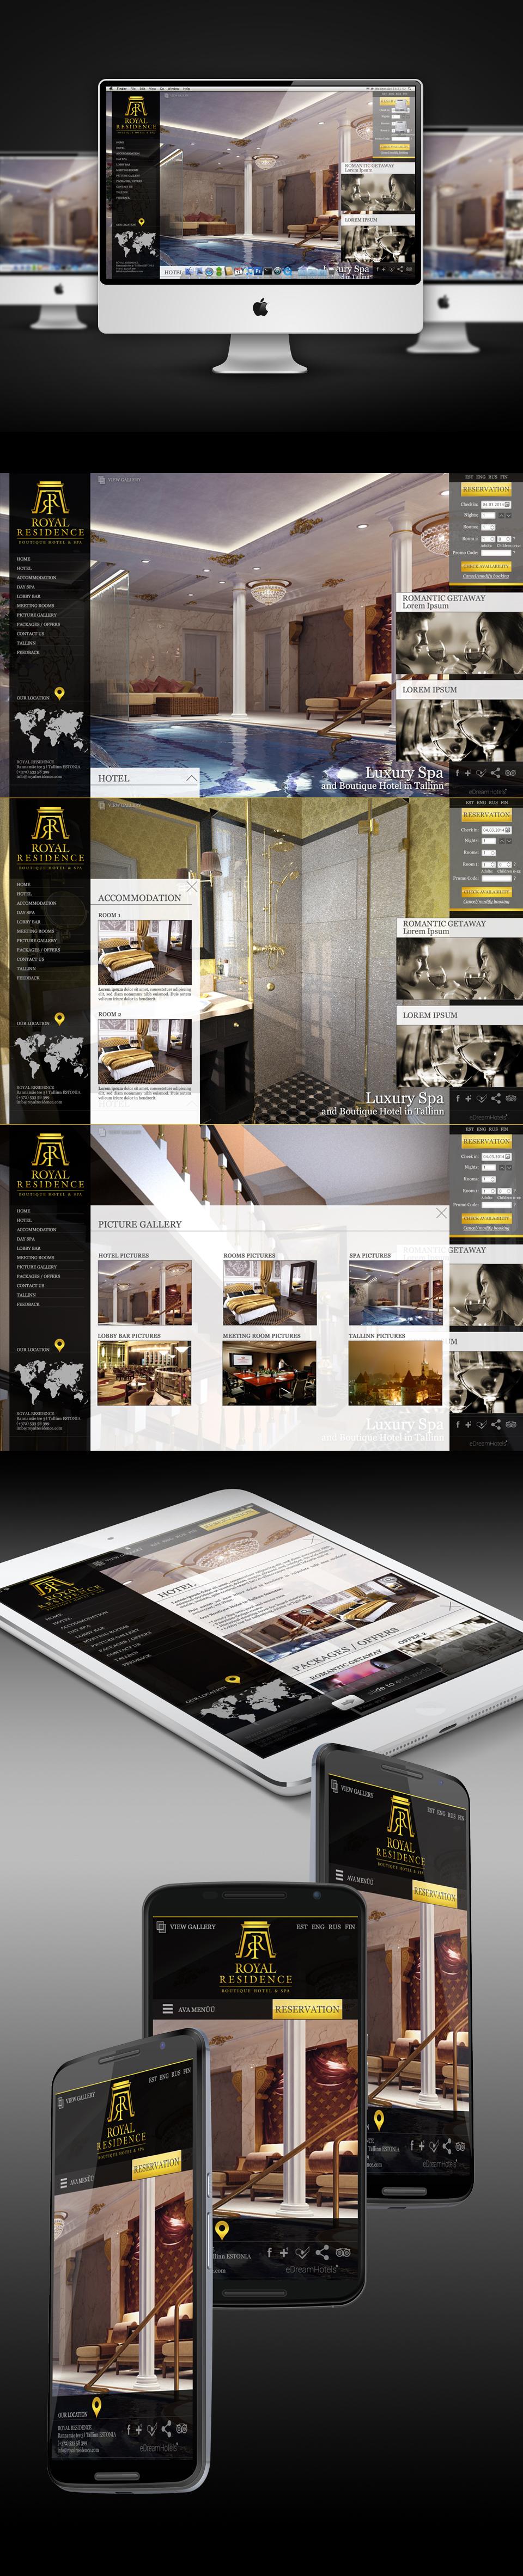 Royalresidence-web-1